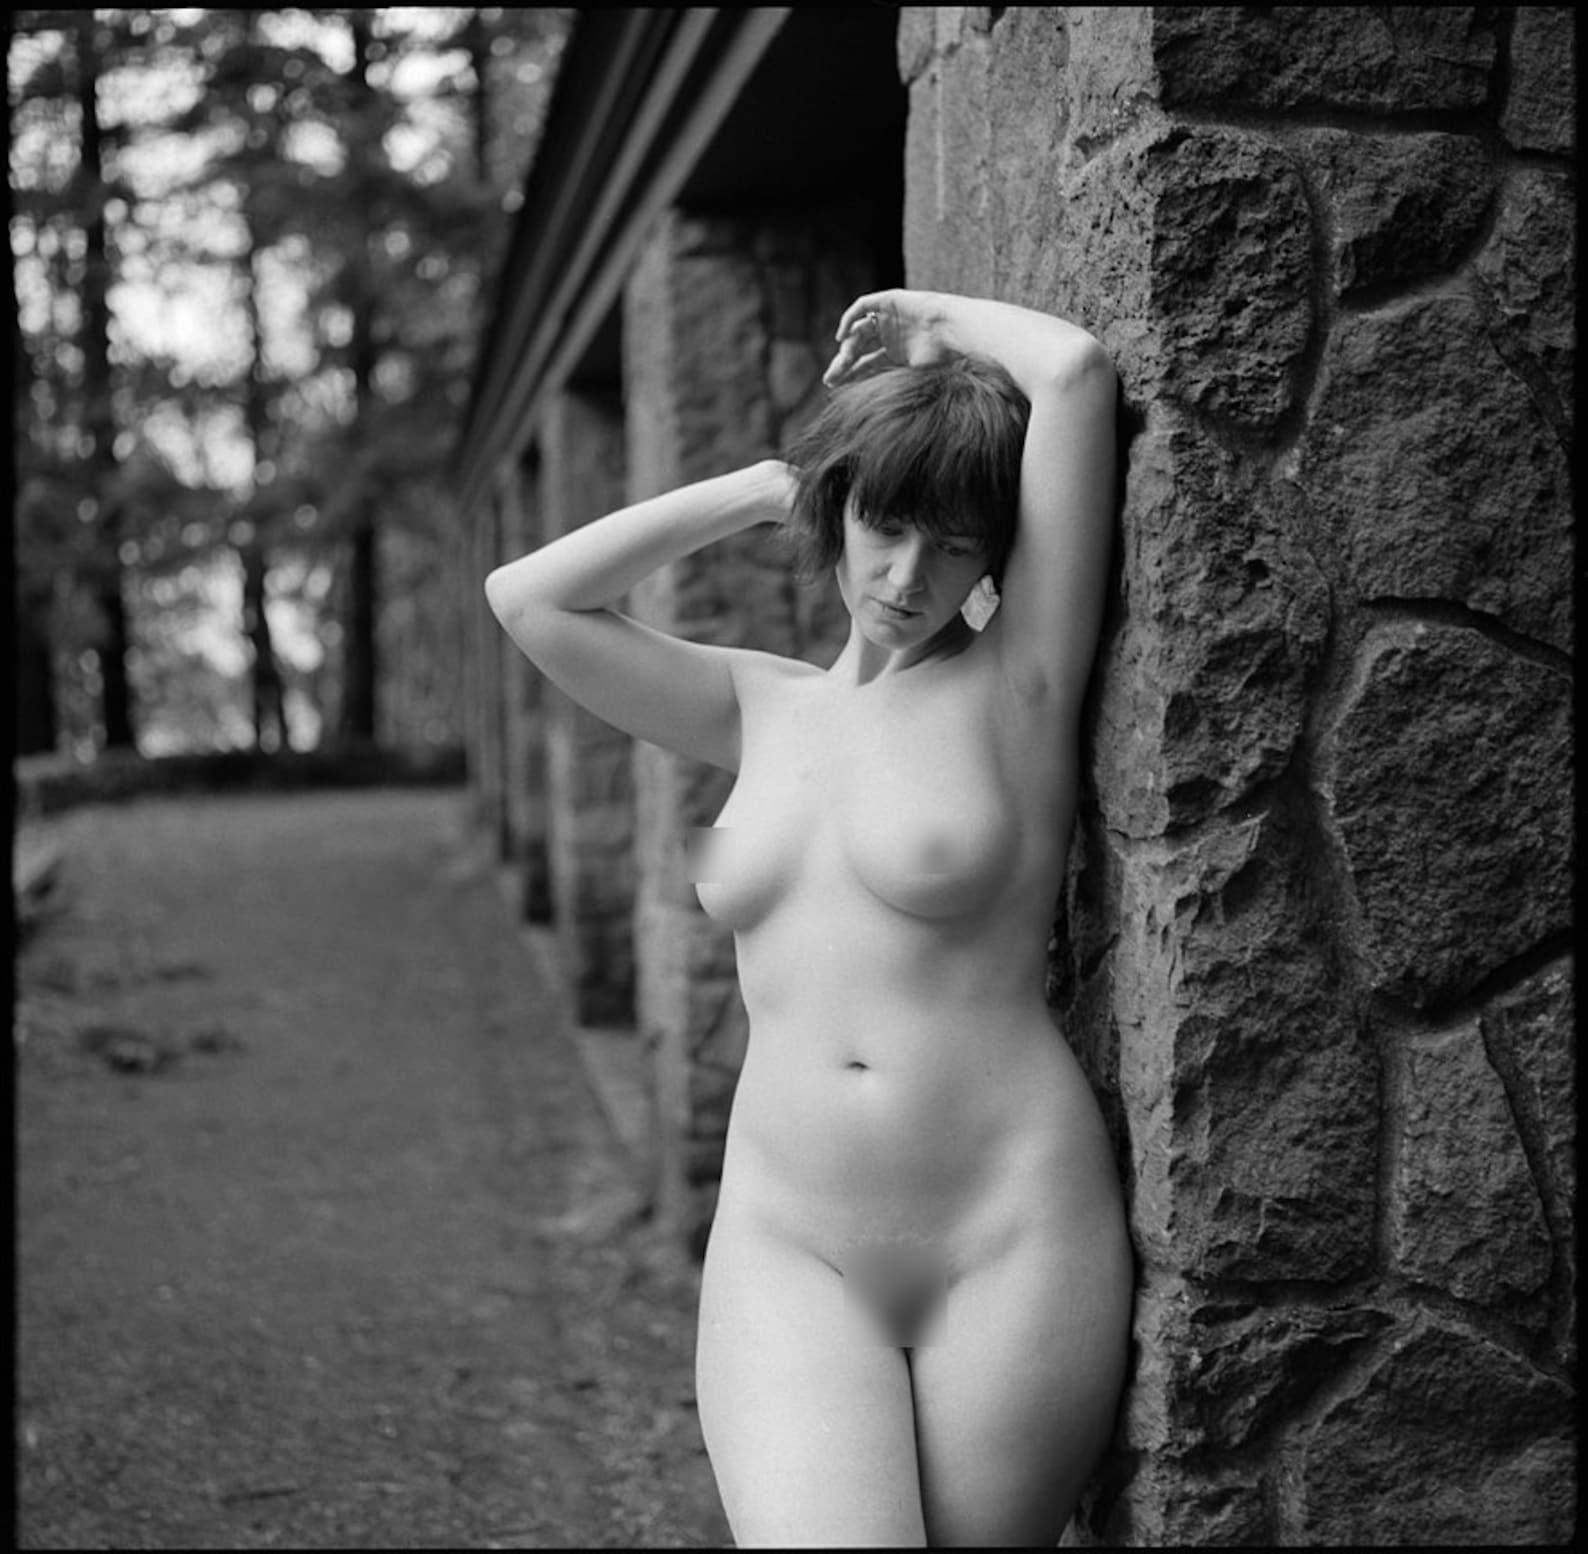 Belle nude in fine art nudes